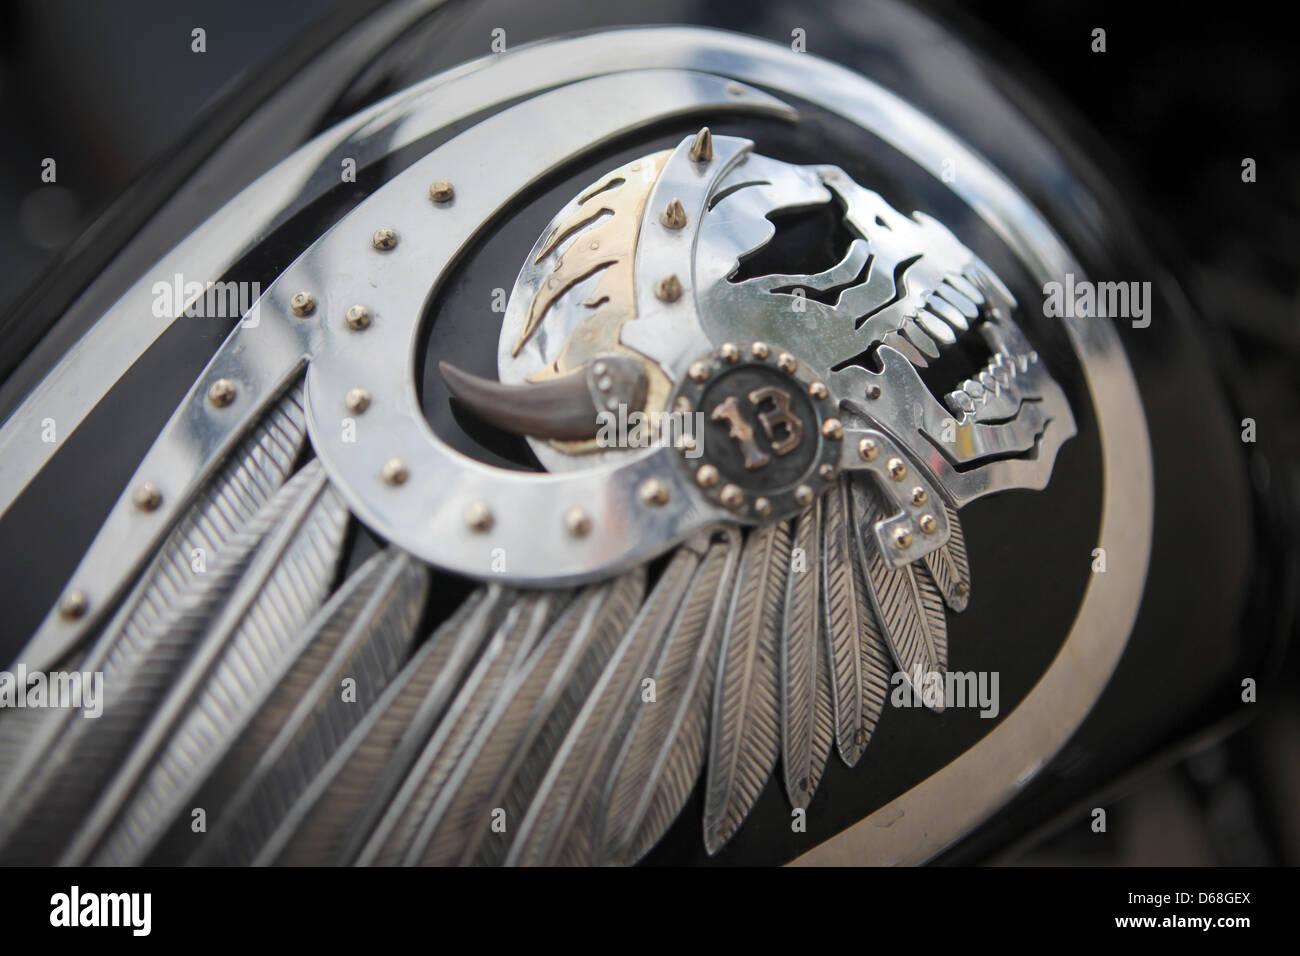 das logo des motorradclubs hells angels ist sichtbar auf. Black Bedroom Furniture Sets. Home Design Ideas